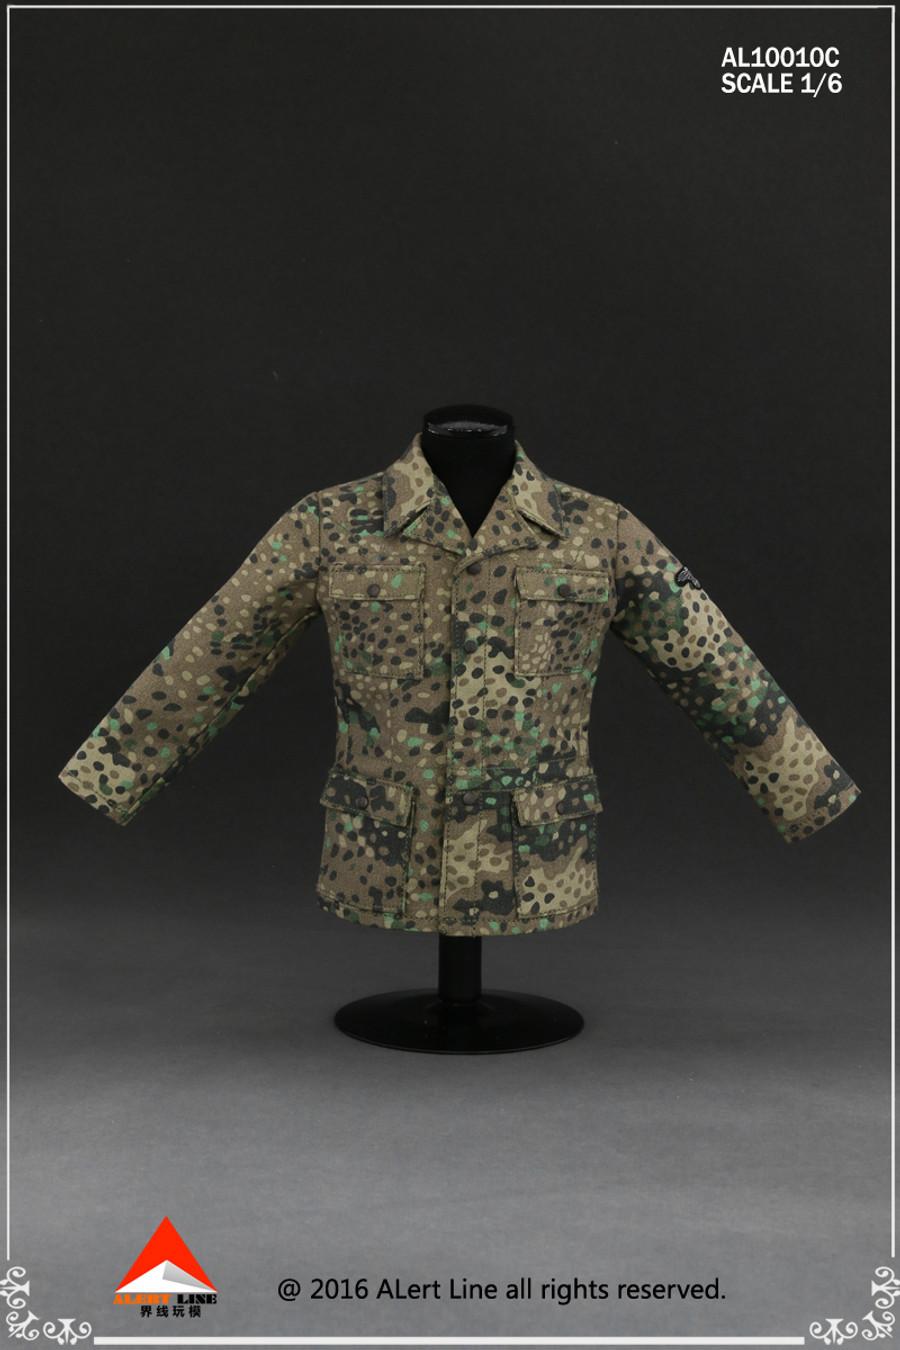 Alert Line - Wehrmacht Camouflage Uniform Suit - Pea Pattern